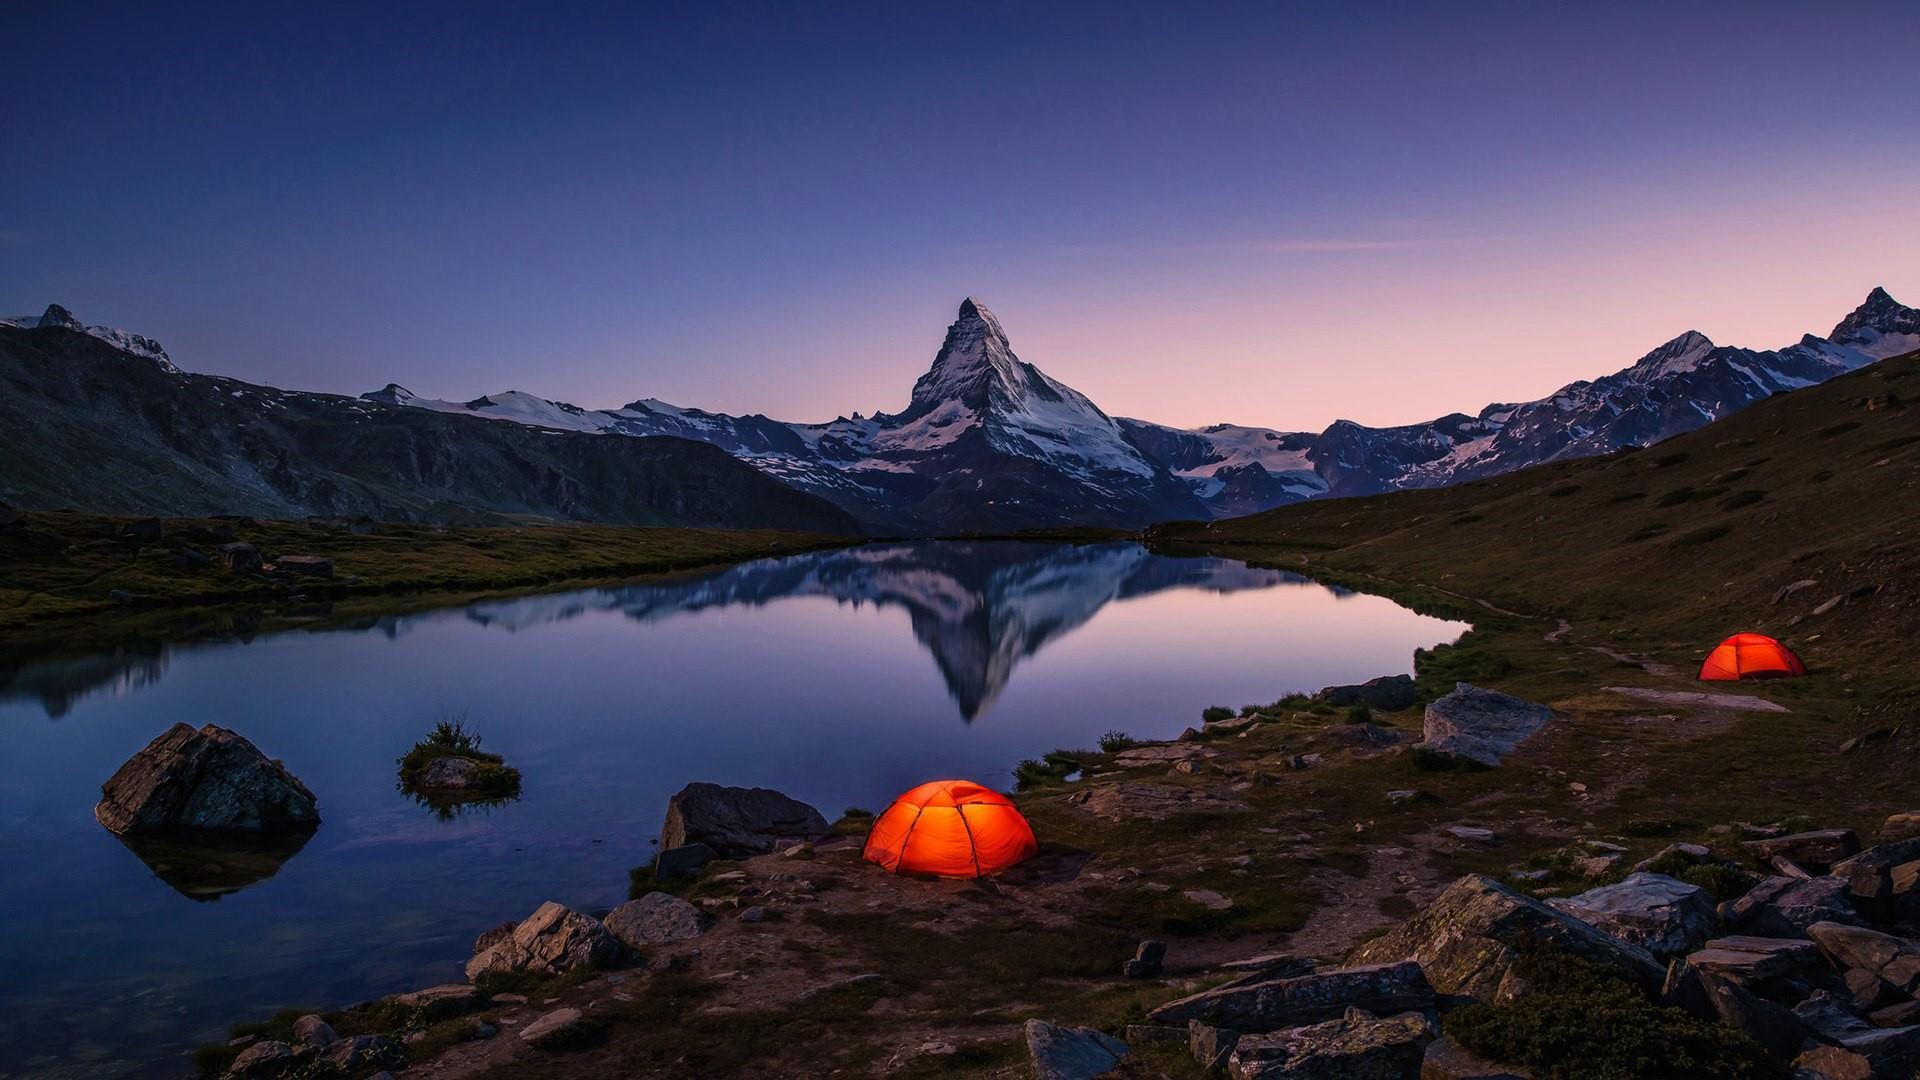 Matterhorn  from Stellisee at night wallpaper